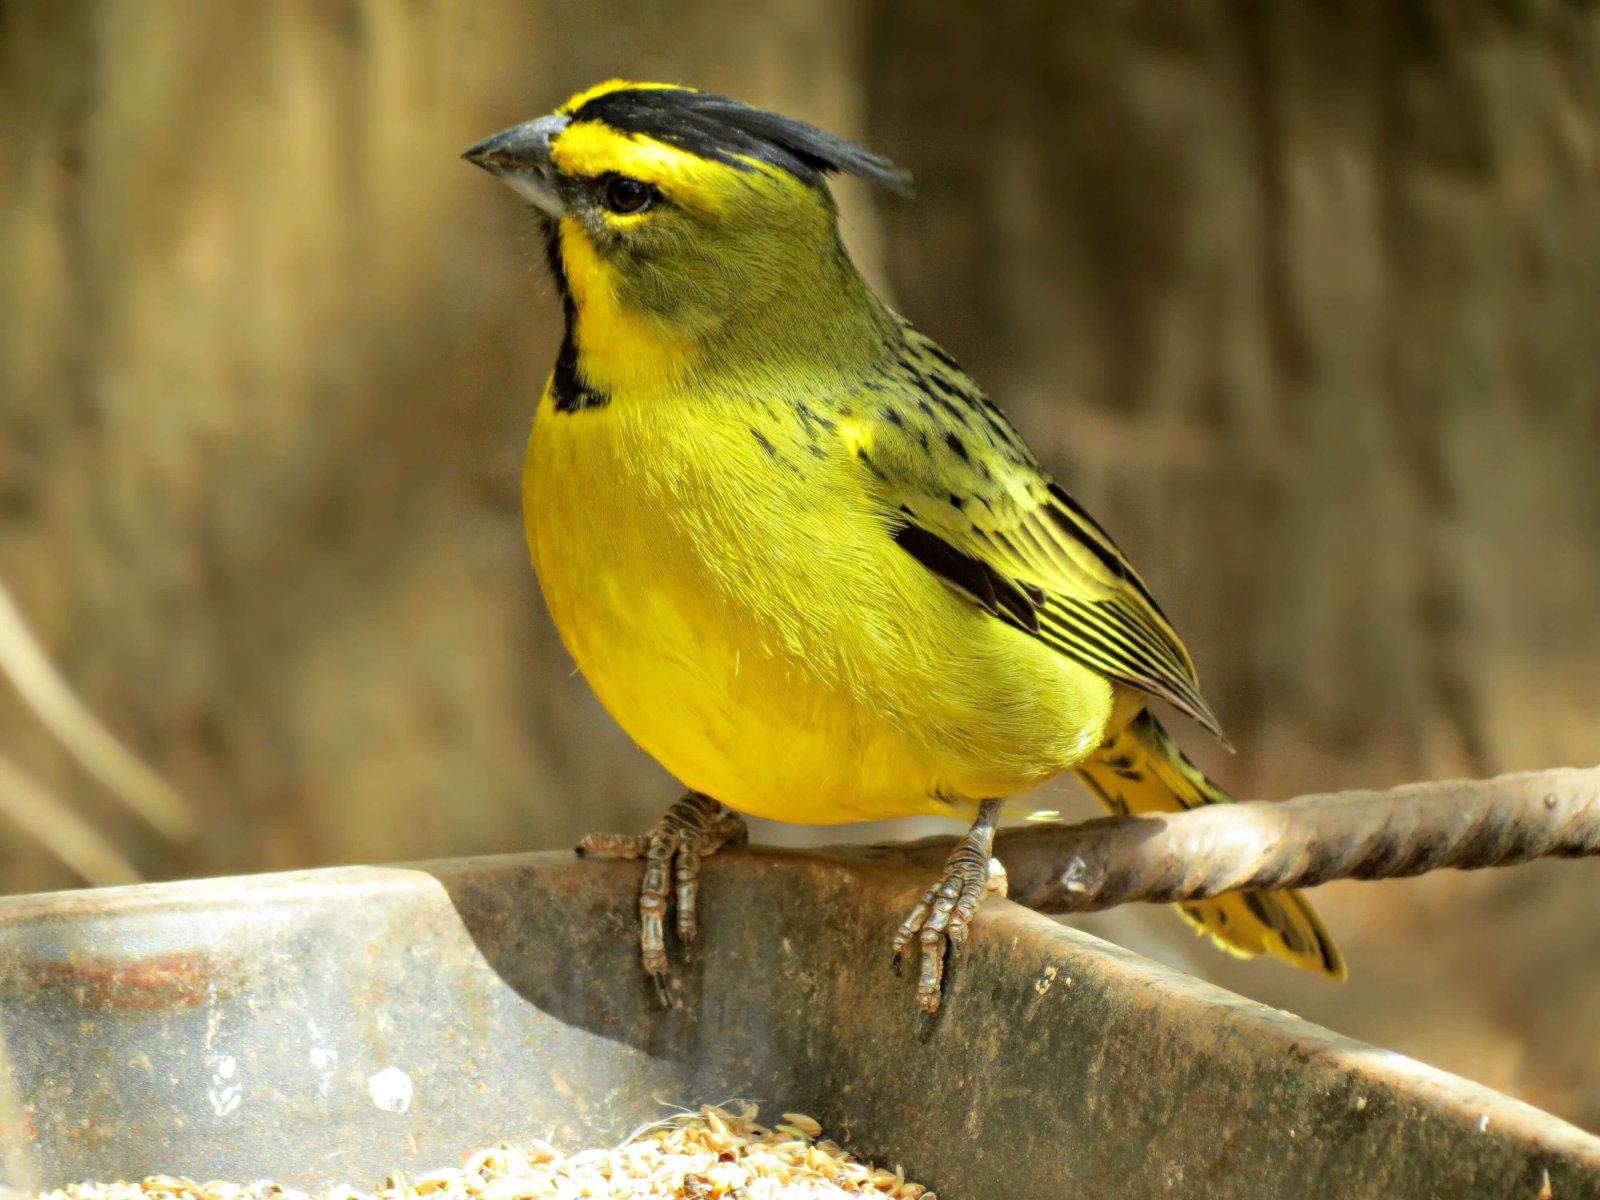 Yellow Cardinal © Linda de Volder / Flickr